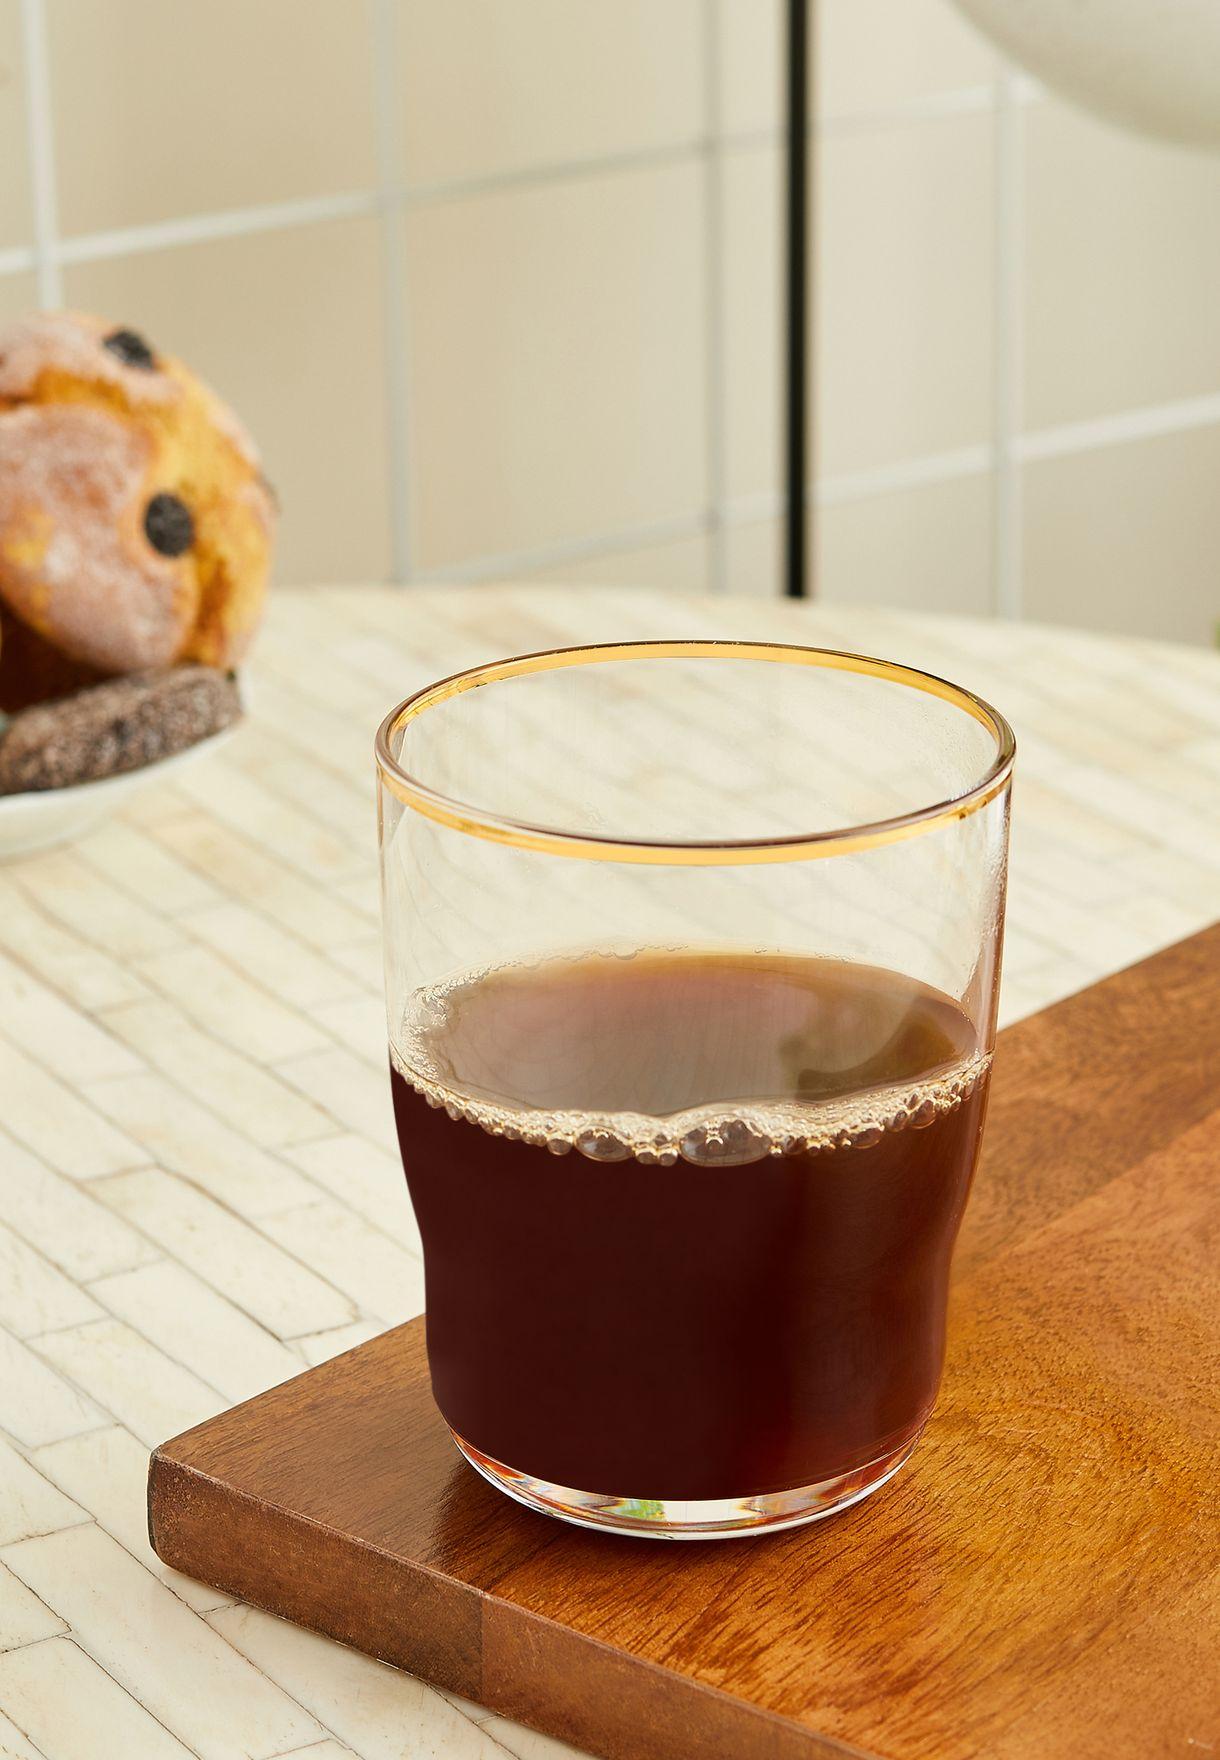 كأس مياه زجاجي